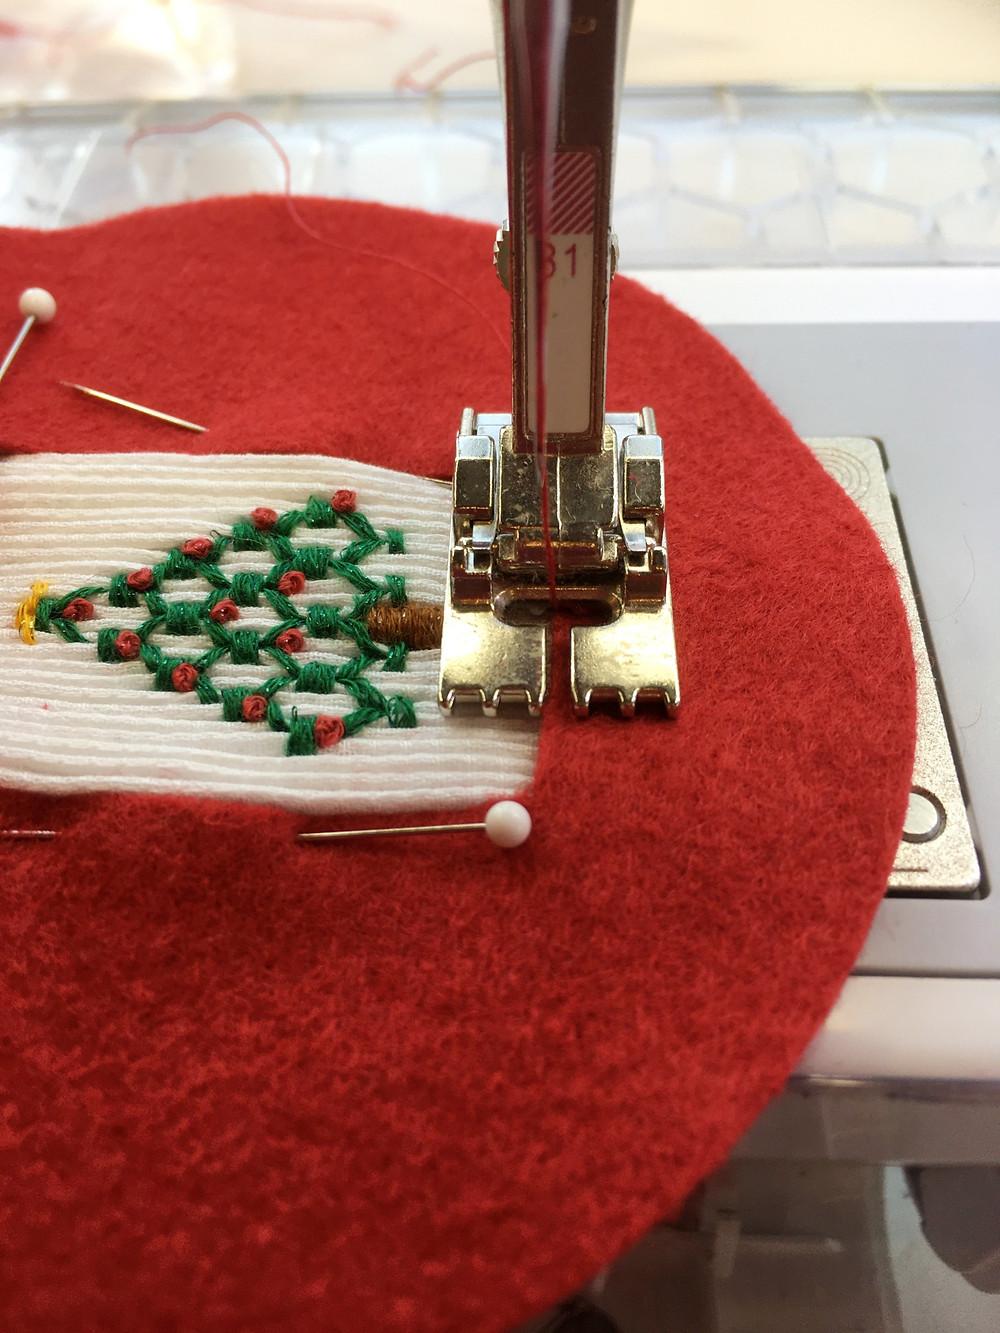 Stitching around the smocking